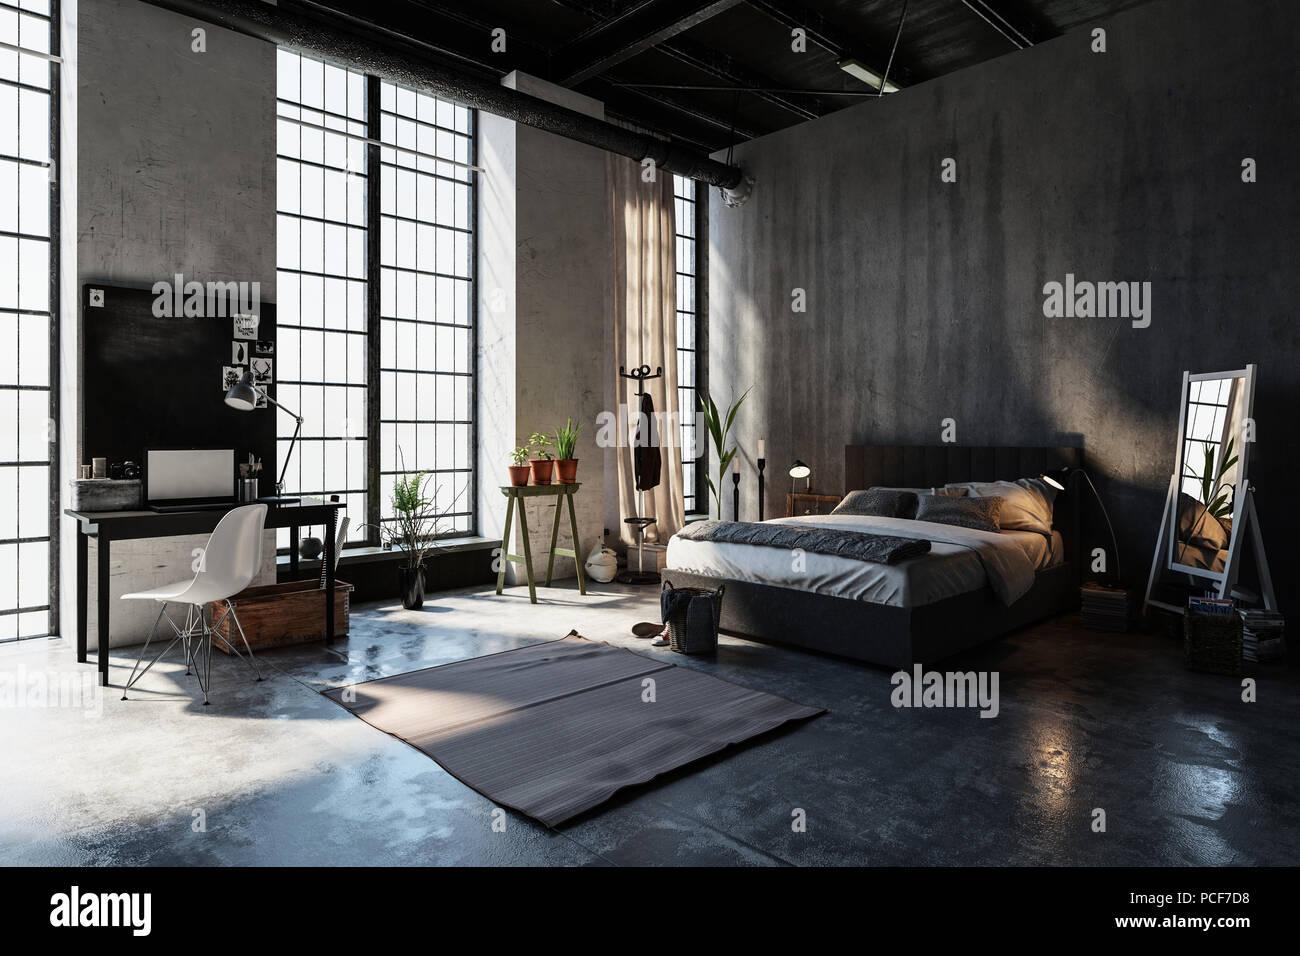 https www alamyimages fr grande chambre spacieuse dans un grenier avec conversion de hauteur des fenetres du sol au plafond des murs de beton gris double divan lit de style de plantes bureau et chaise image214235428 html